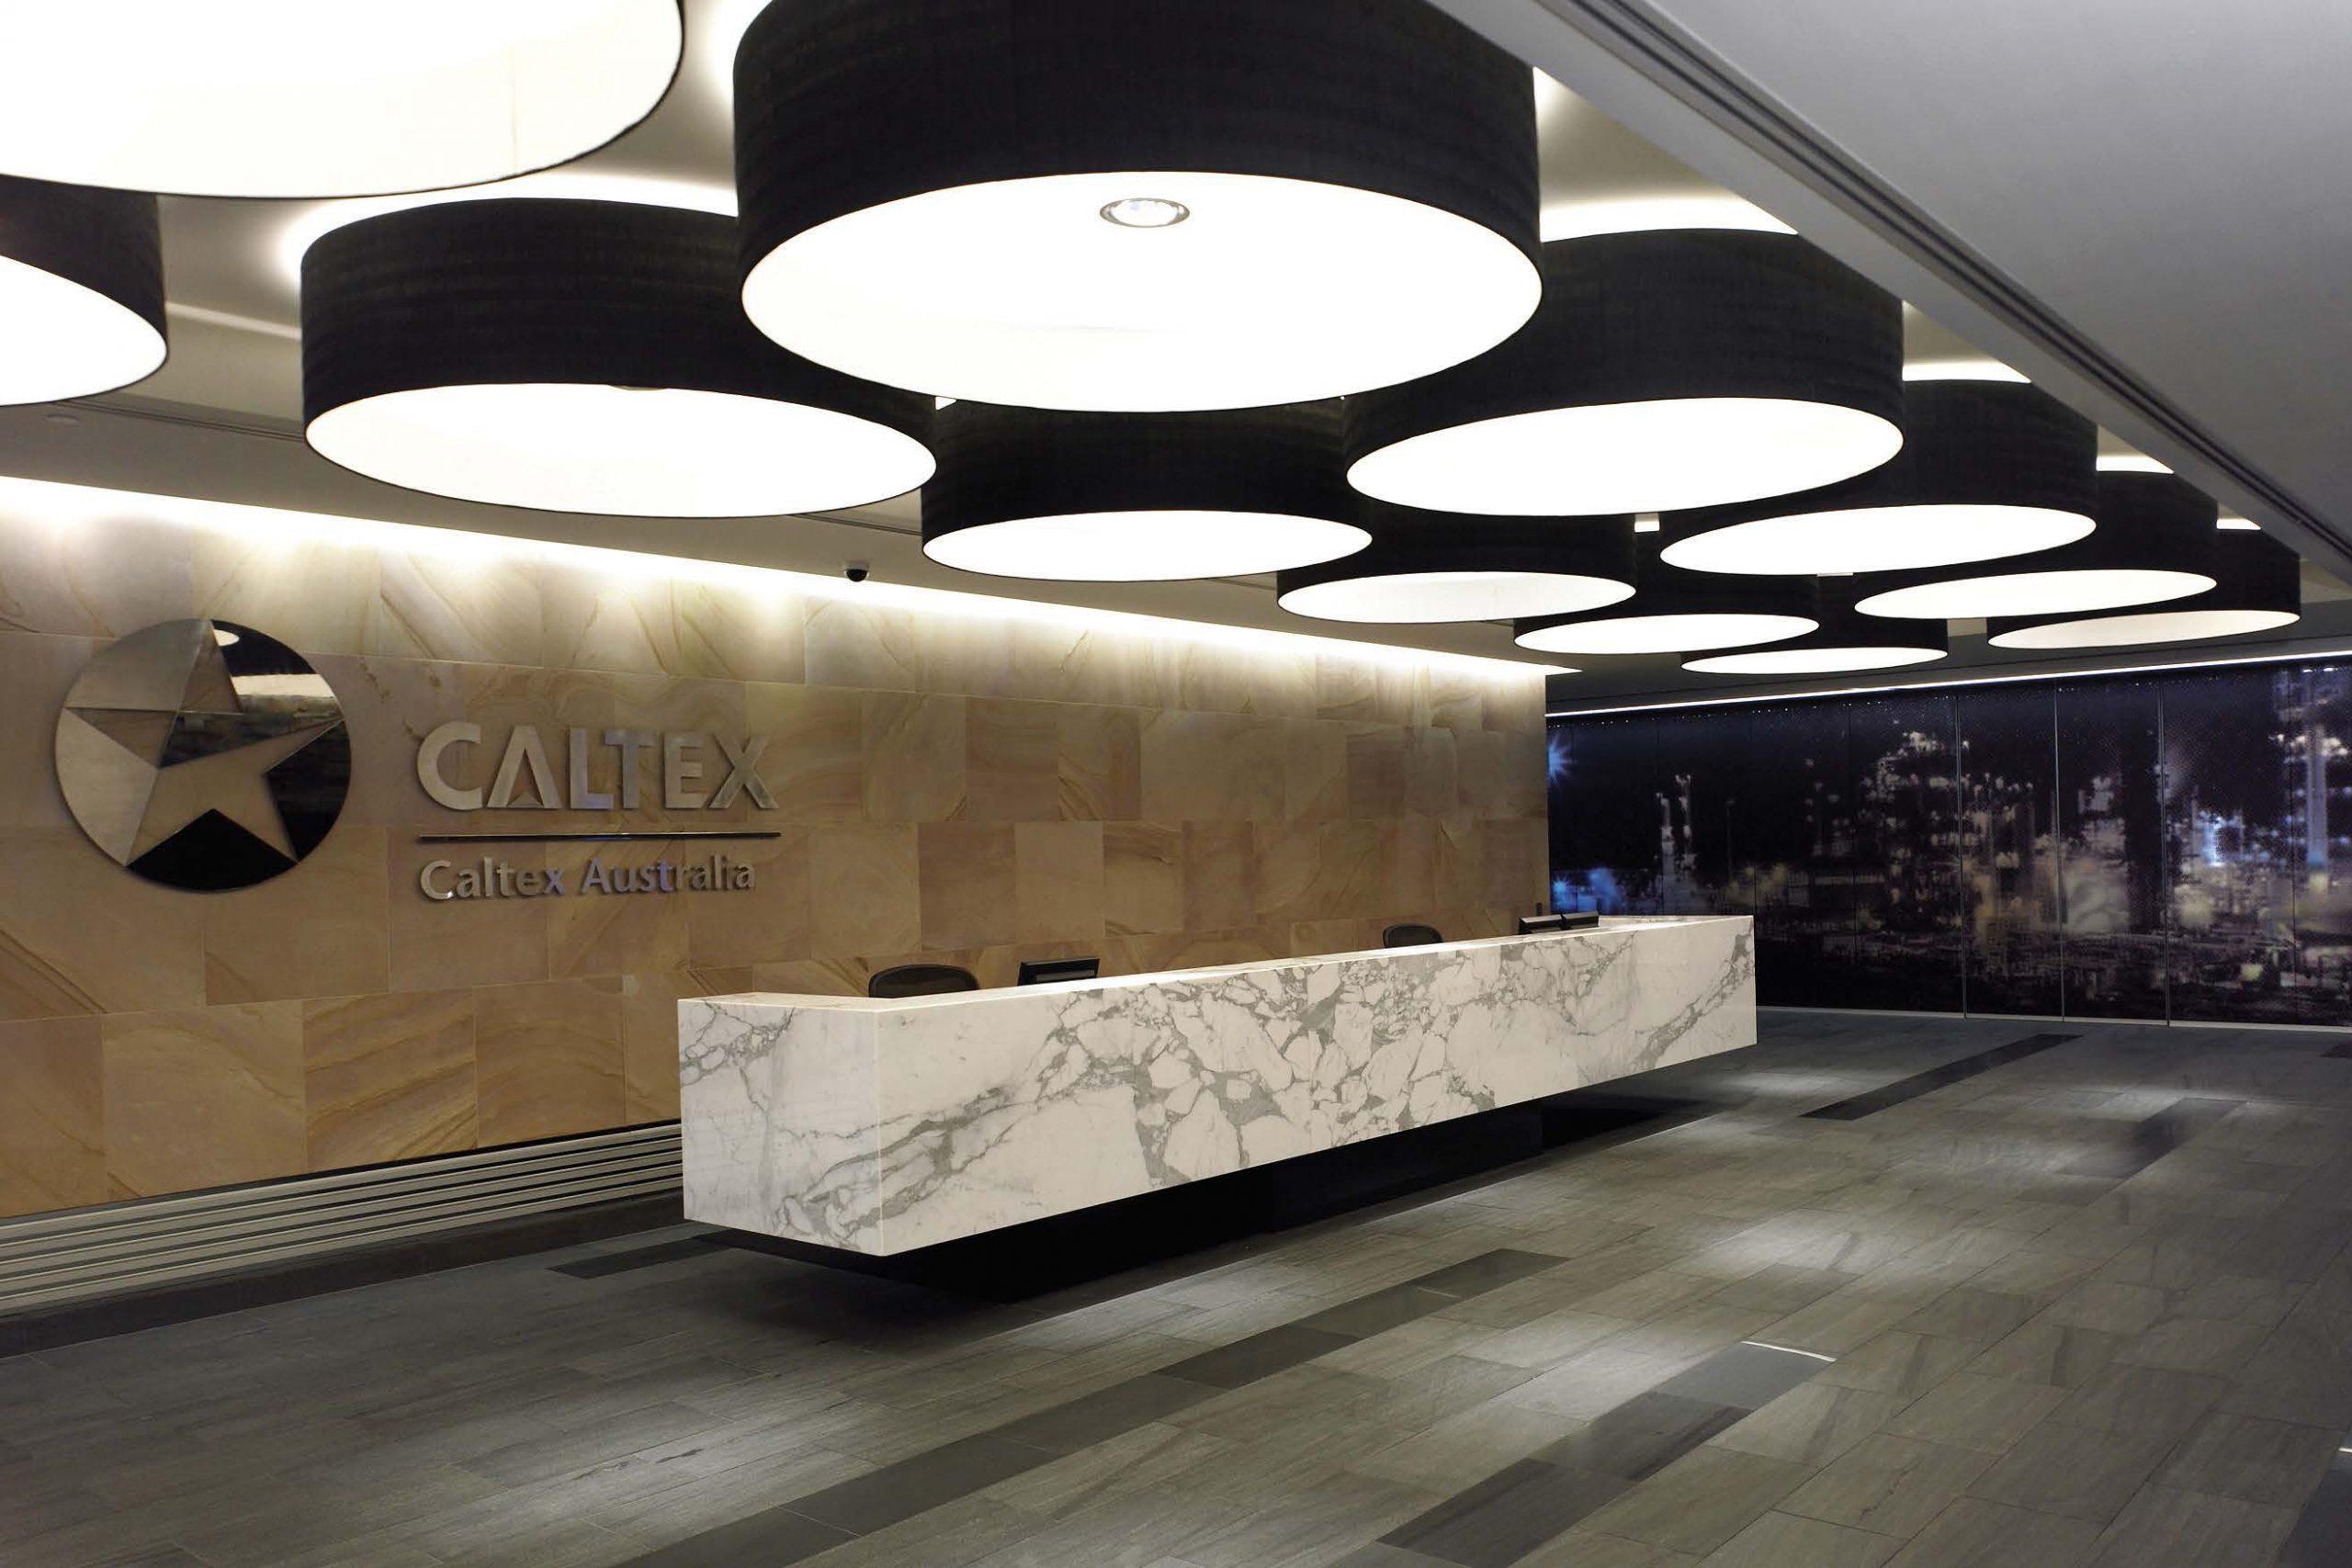 Caltex-2_1200x800-1